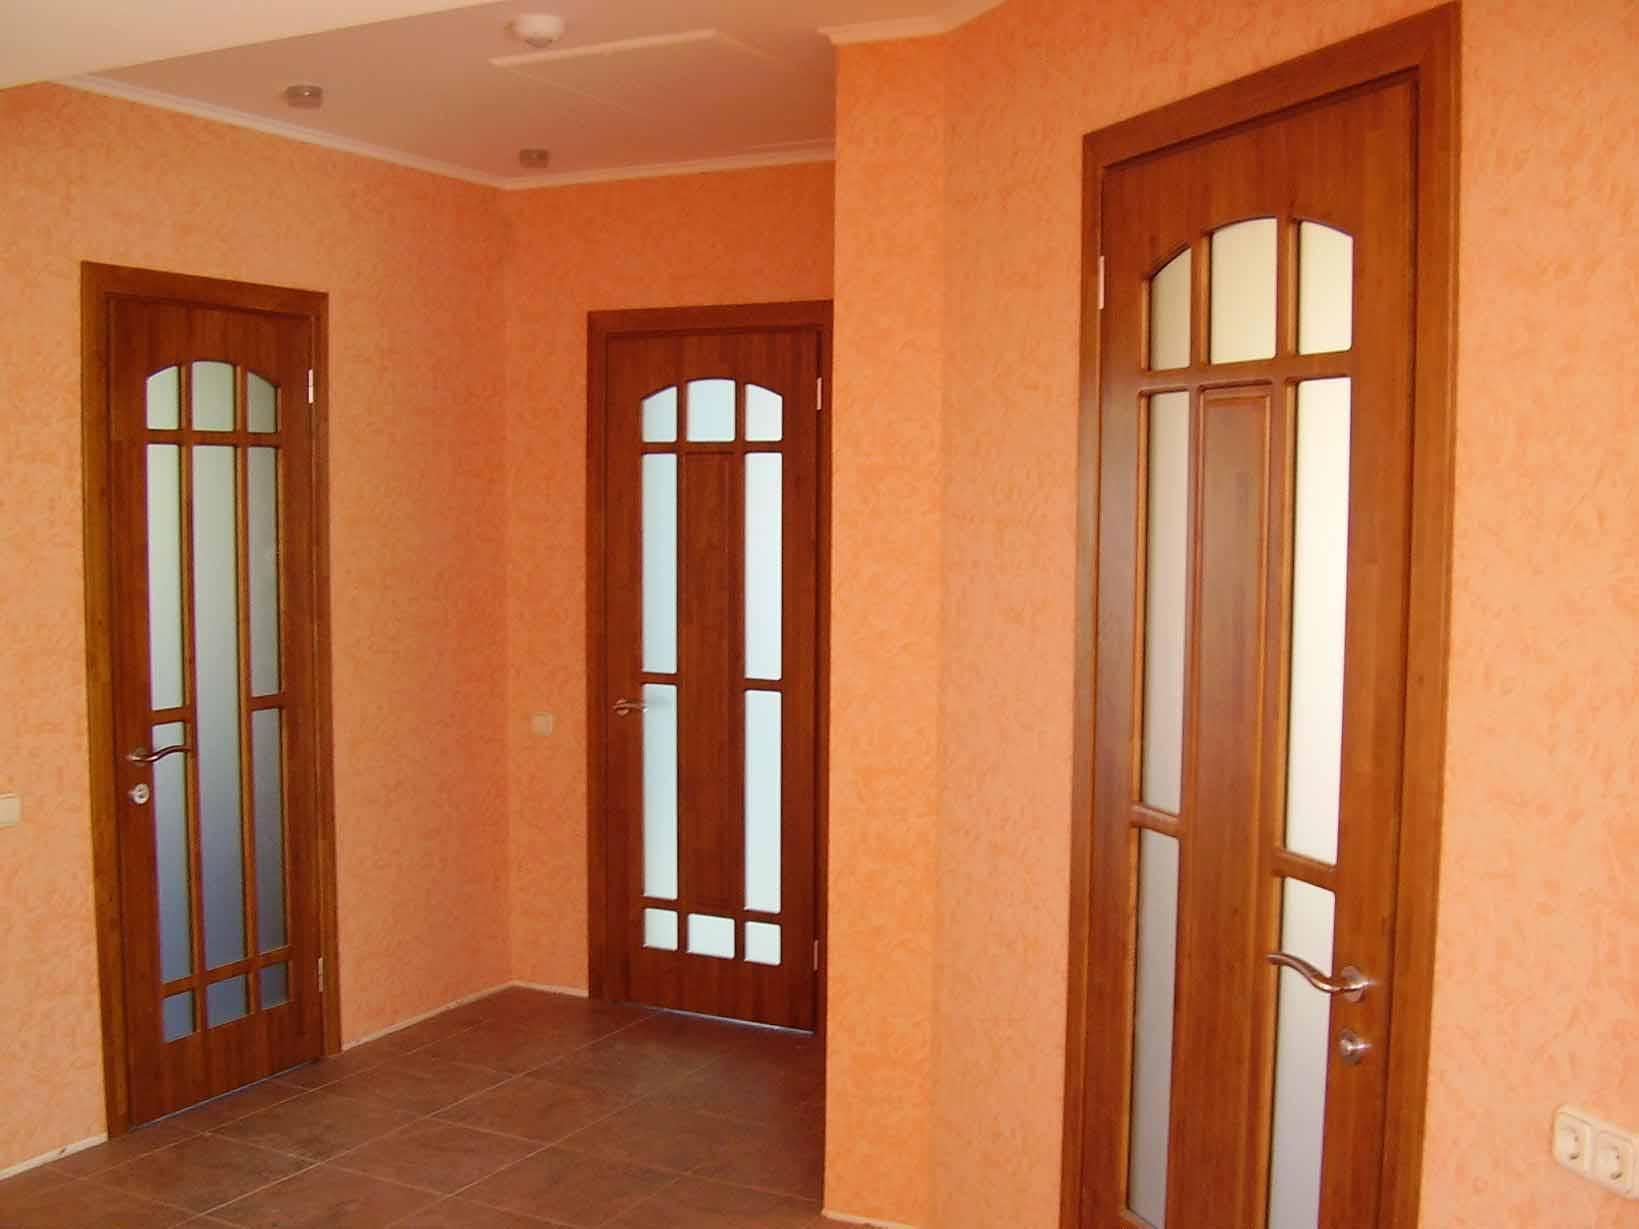 Деревянные межкомнатные двери: основные характеристики и элементы